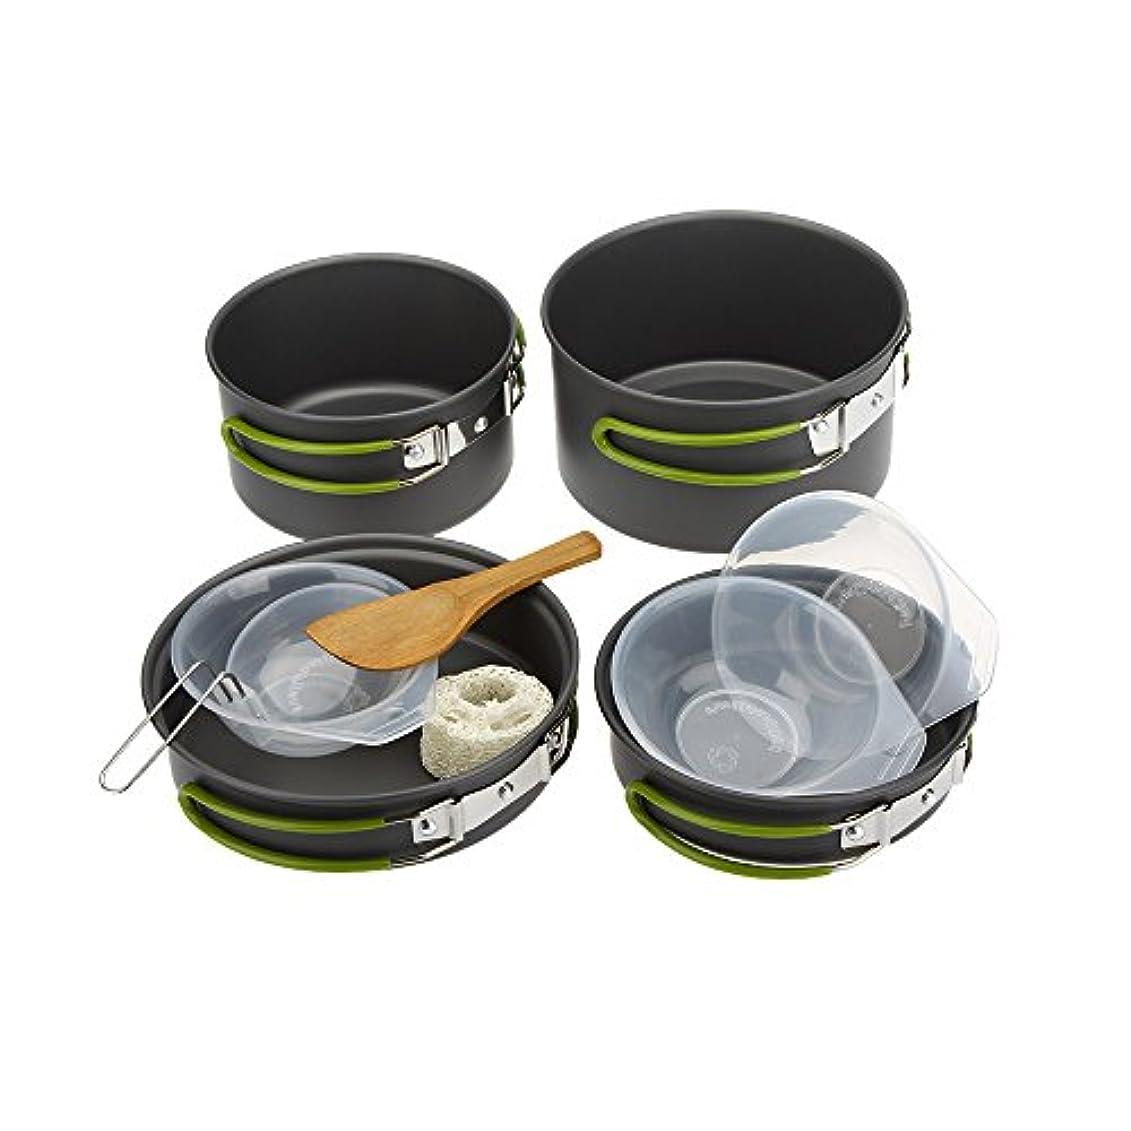 母集める酸化するLixada 2-3人用 多機能 アウトドア食器セット コッへル?クッカーセット 調理器具  キッチンツール 収納袋付き